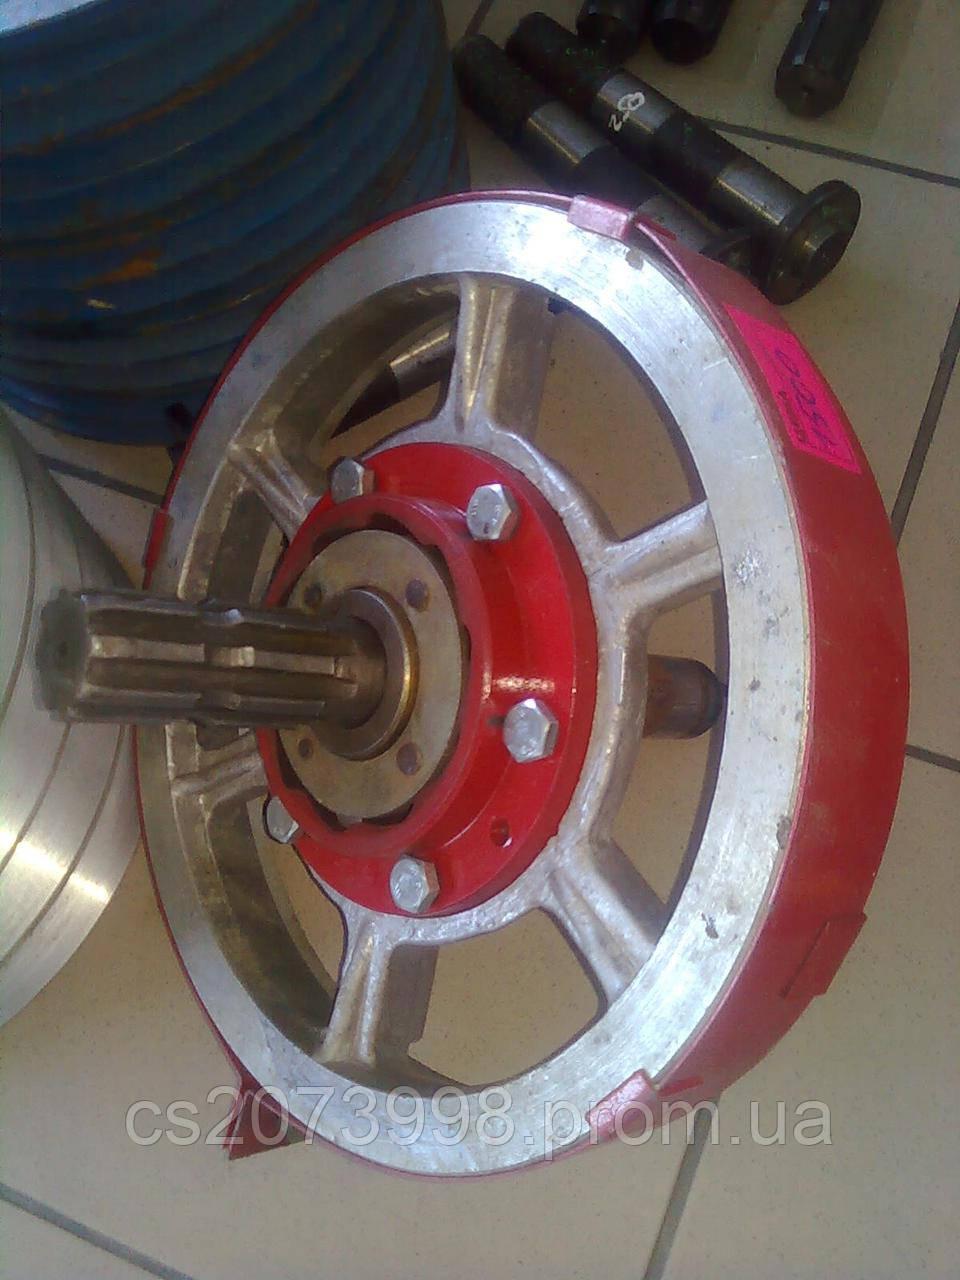 Вентилятор УПС, СУПН (нижний вал, без шкива) 509.046.2200Б